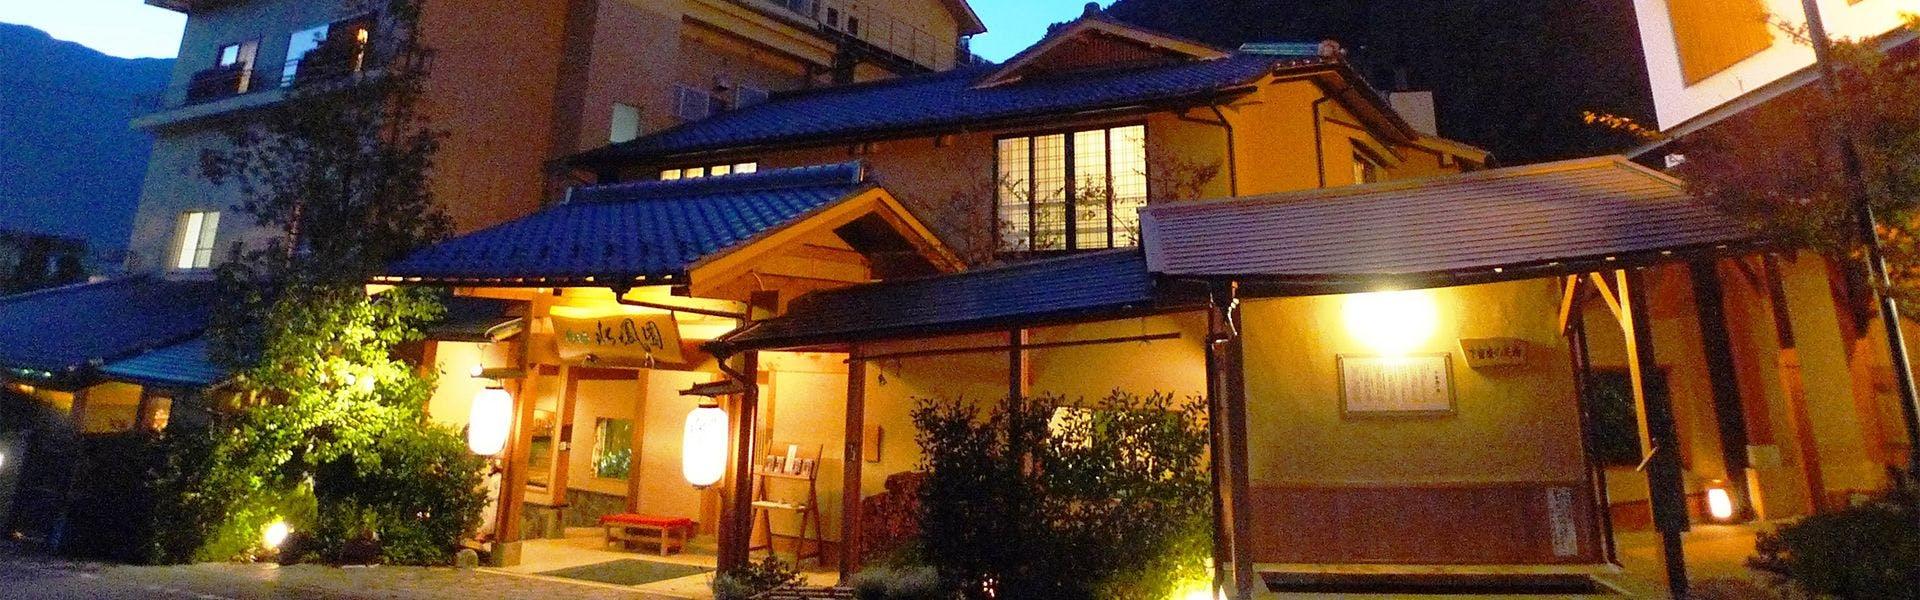 記念日におすすめのホテル・懐石宿 水鳳園の写真1